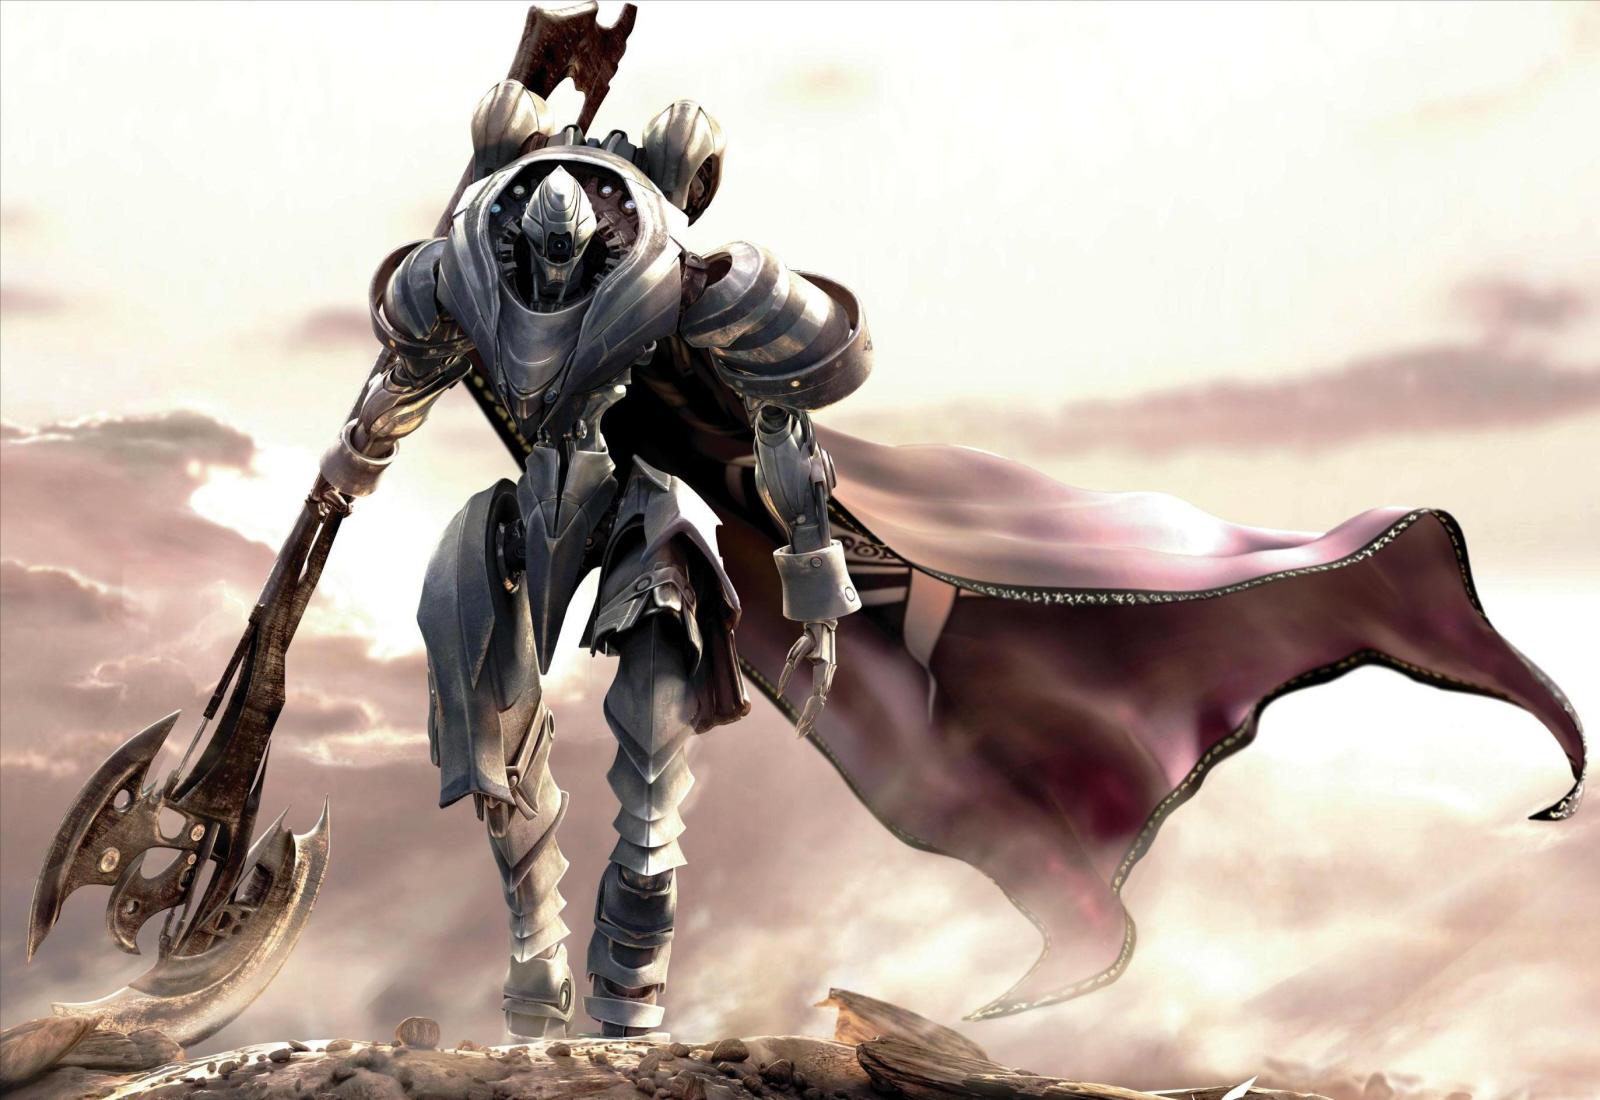 Фантастический рыцарь, скачать фото, обои для рабочего стола, fantasy knight